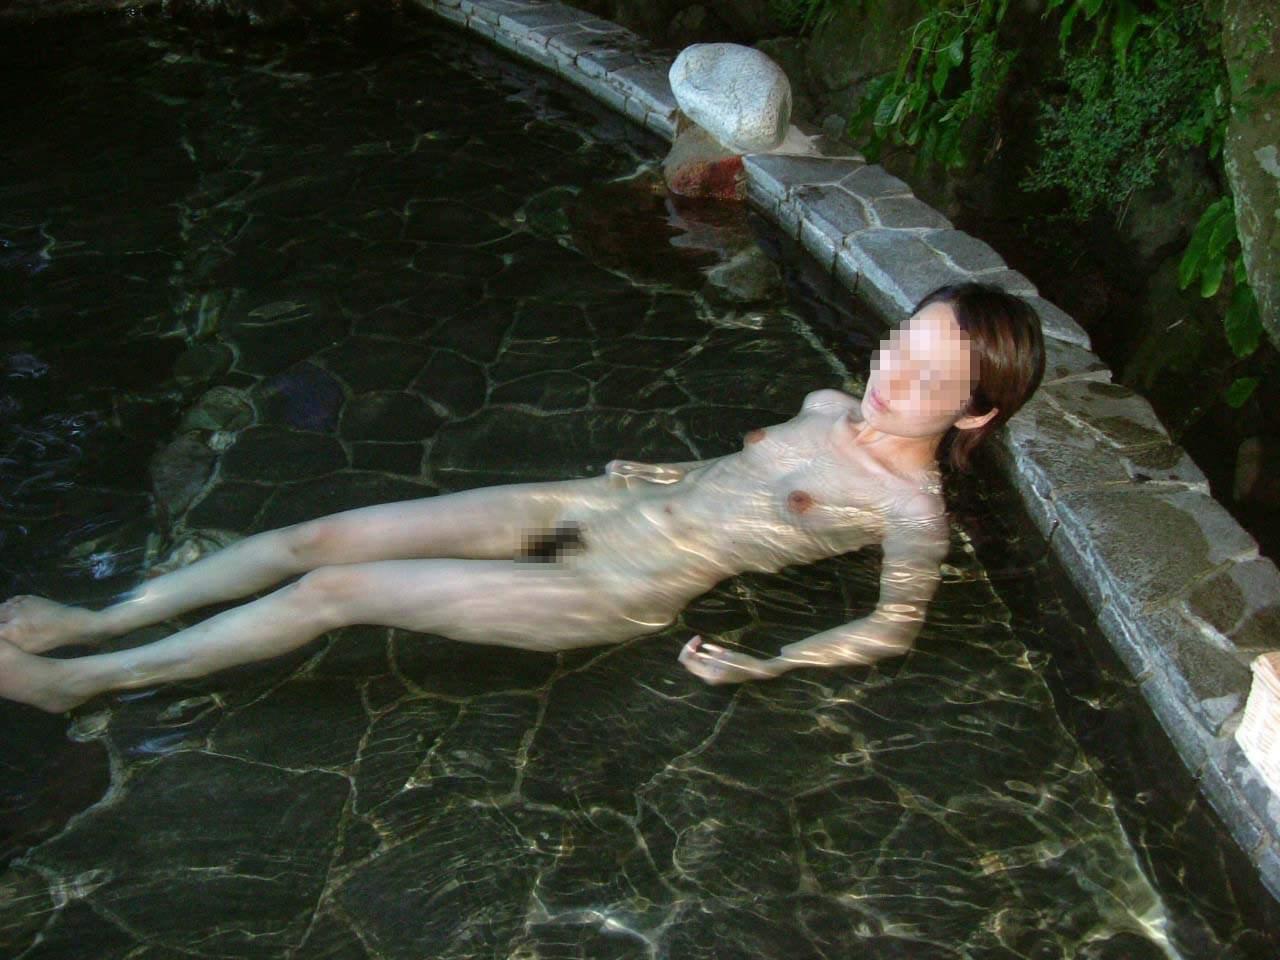 スッポンポンの素人女子が温泉でスケベな肉体を撮影wwww露出エロ画像 1139